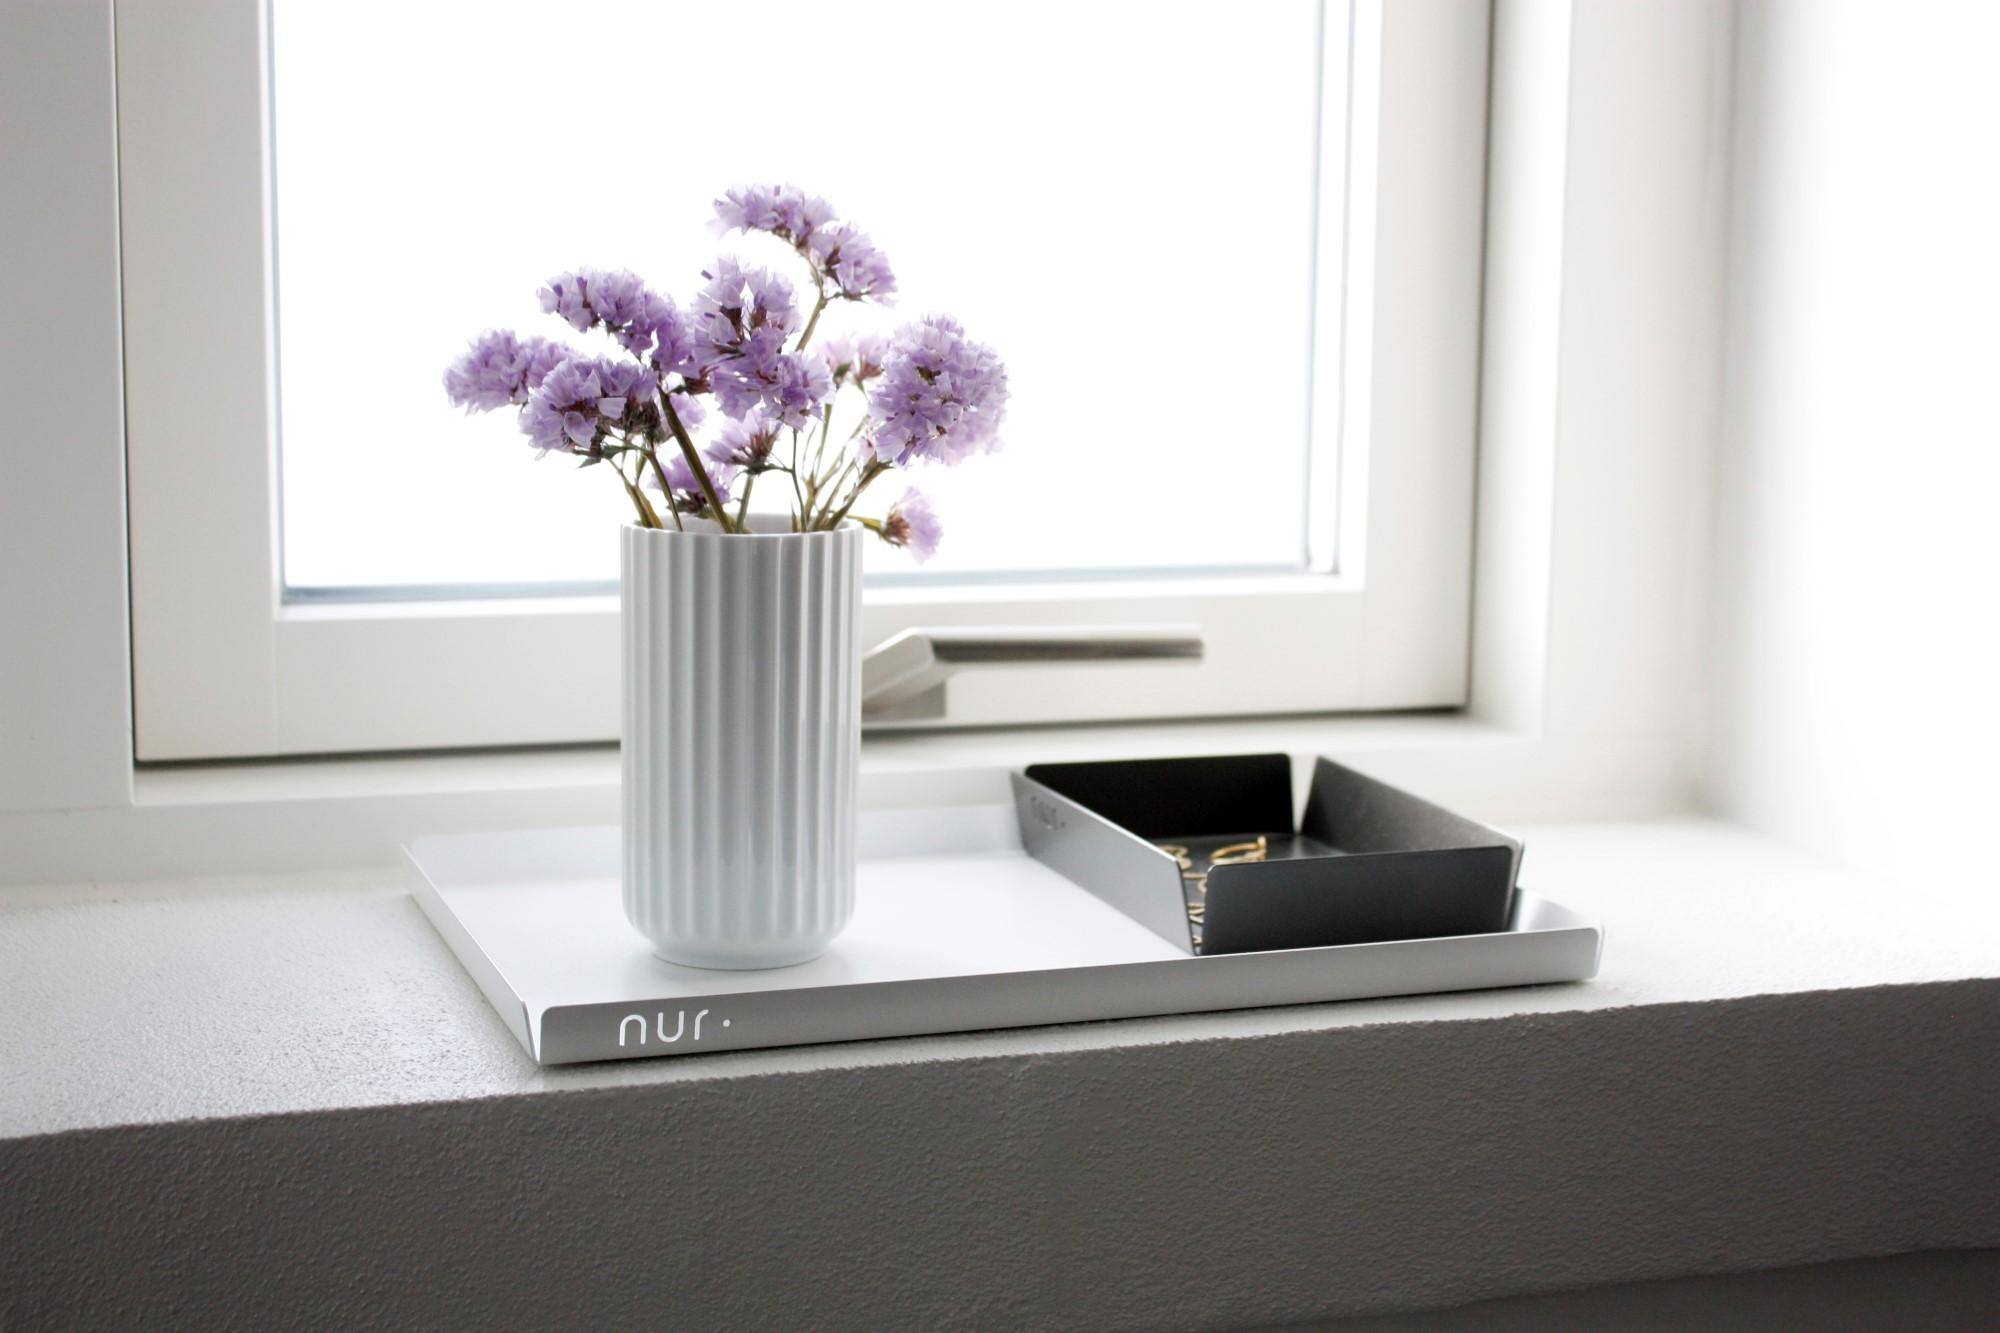 Bolig accessories med bakke fra Nur